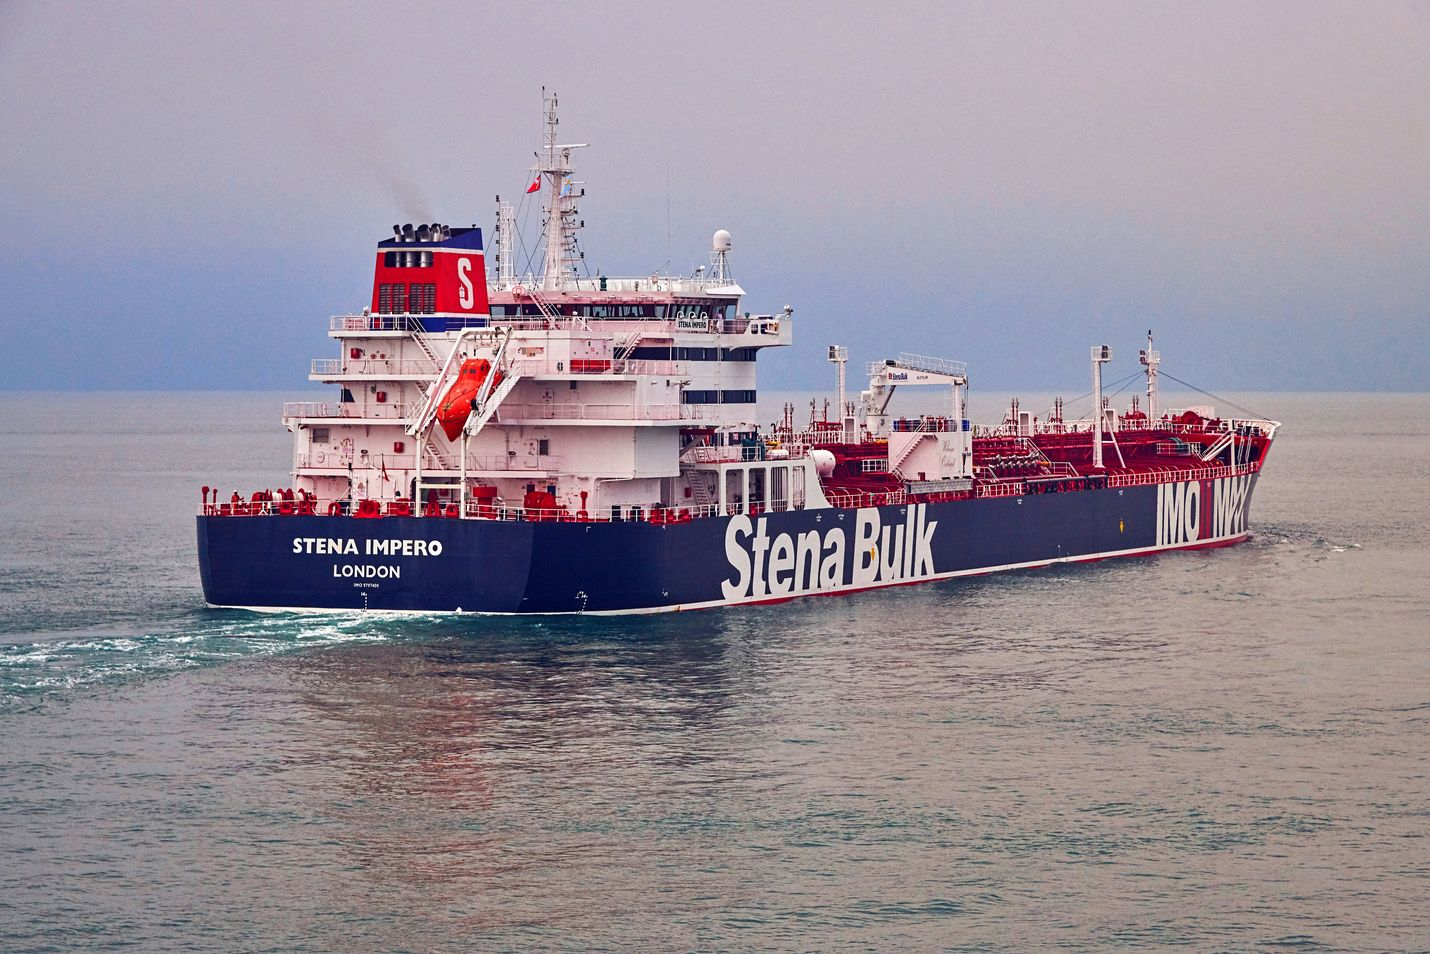 The Guardian huomauttaa, että tietoa siitä, että brittitankkeri olisi ollut ensin onnettomuudessa iranilaisen kalastusveneen kanssa, ei ole saatu riippumatonta vahvistusta.